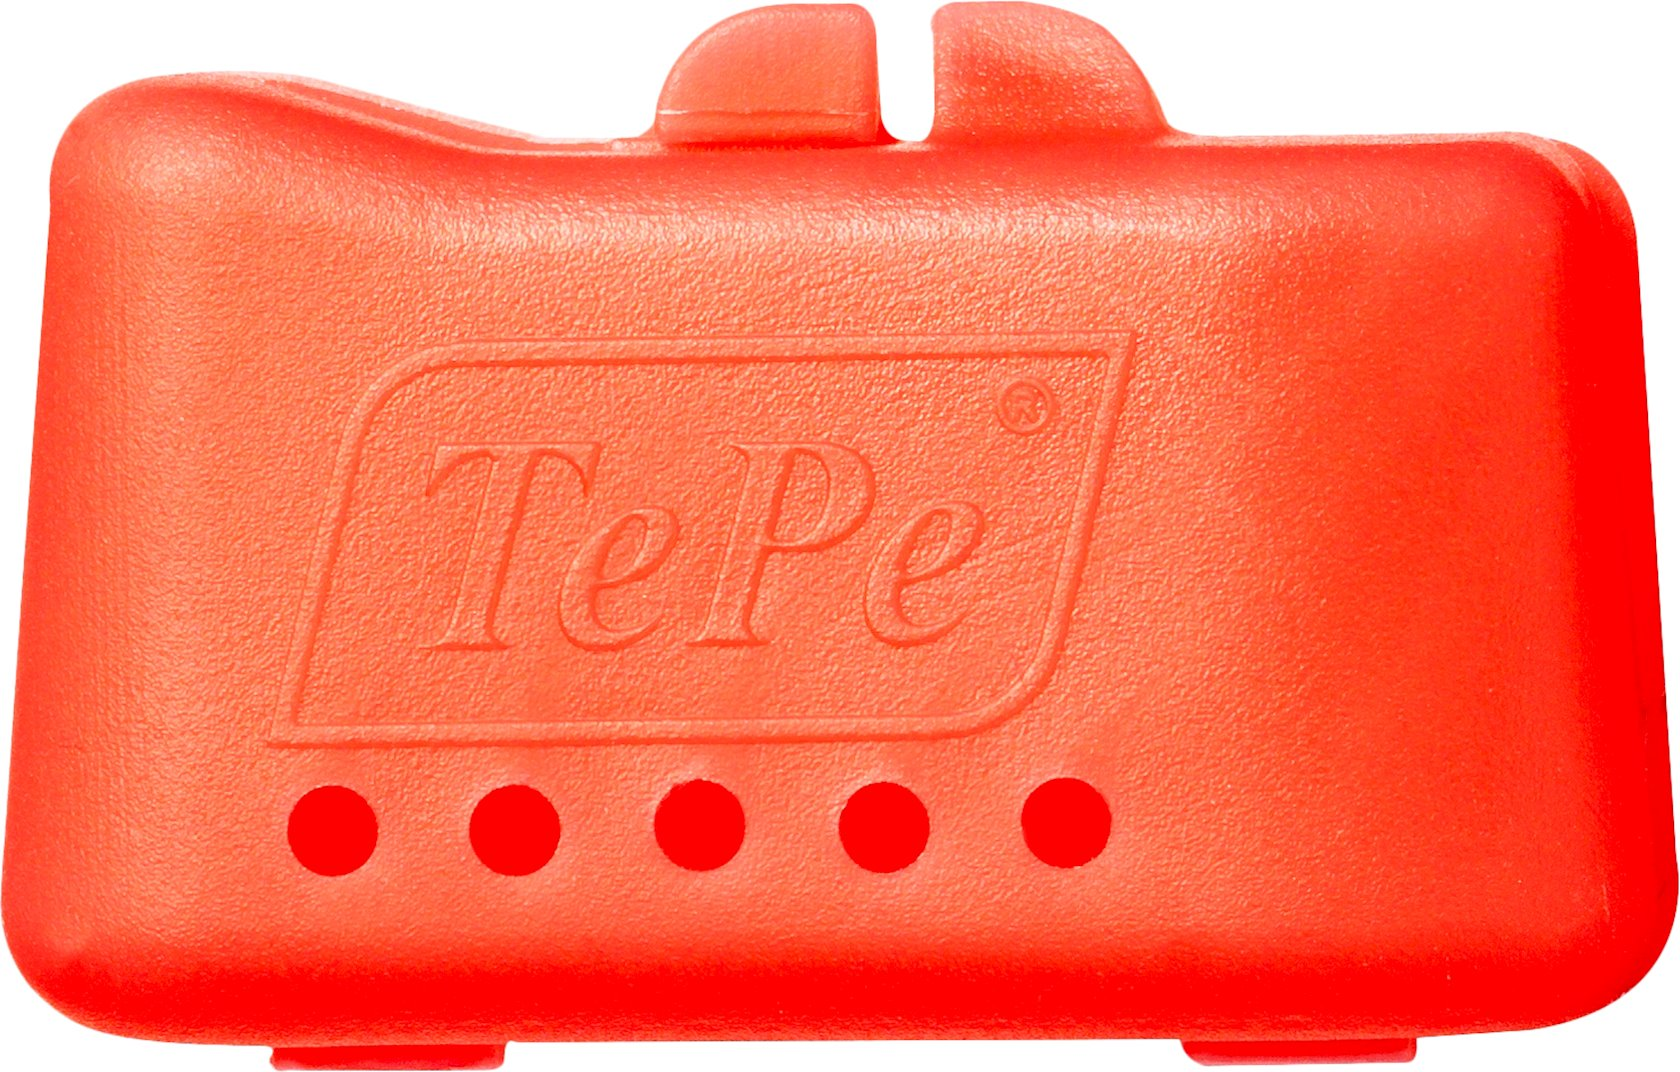 Diş fırçası üçün futlyar TePe Brush Head Cup (1 ədəd)